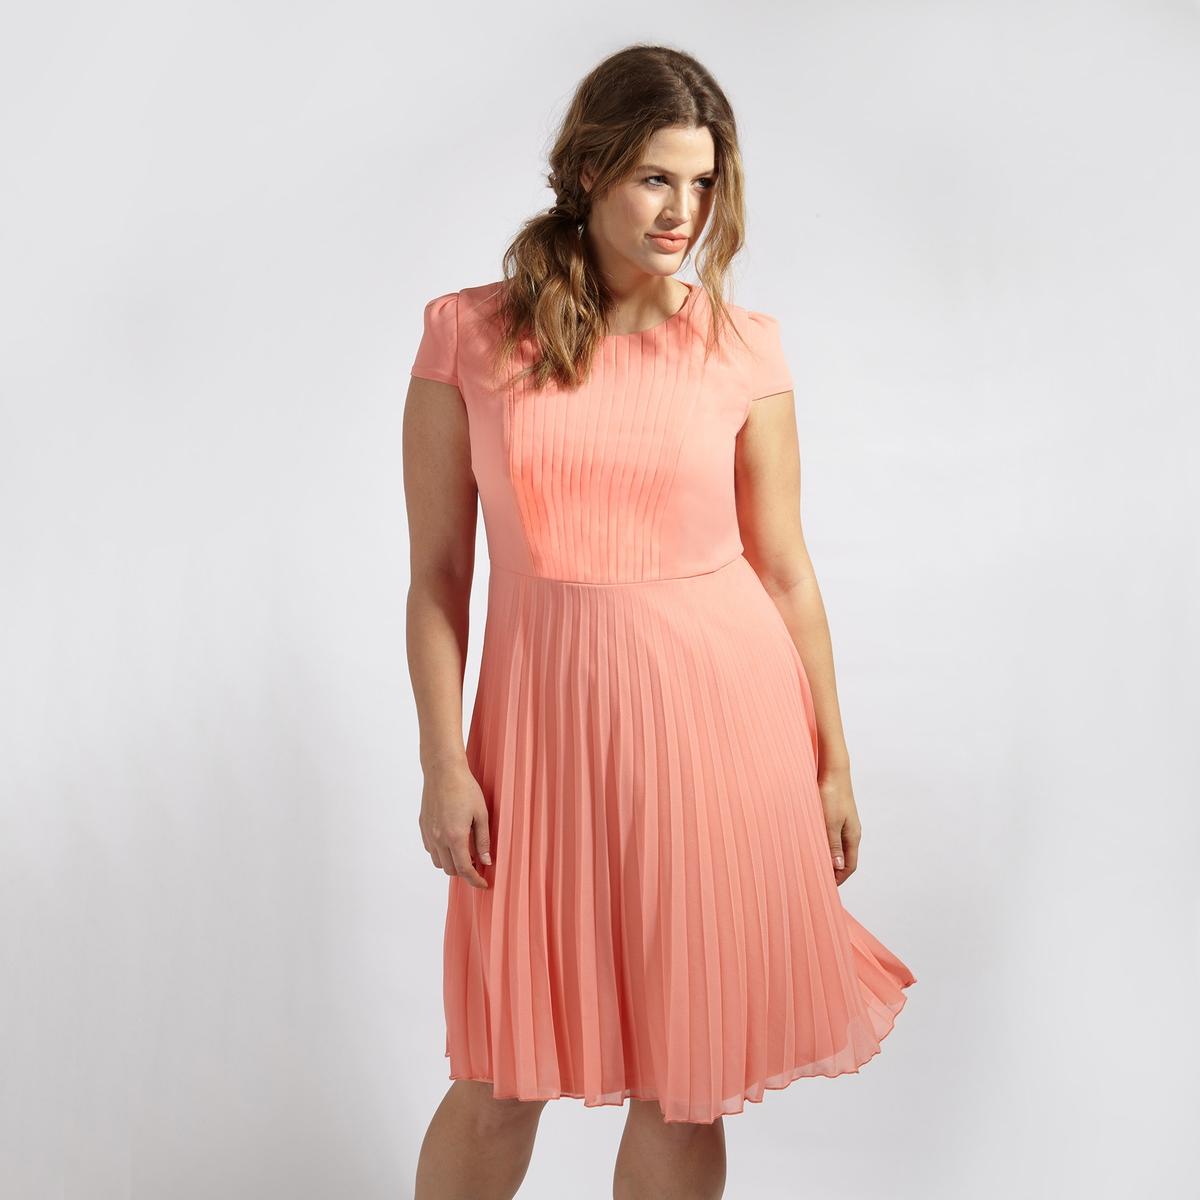 ПлатьеПлатье с короткими рукавами LOVEDROBE. Юбка с эффектом плиссе. Застежка на молнию сзади. Круглый вырез. 100% полиэстер<br><br>Цвет: коралловый<br>Размер: 46 (FR) - 52 (RUS)